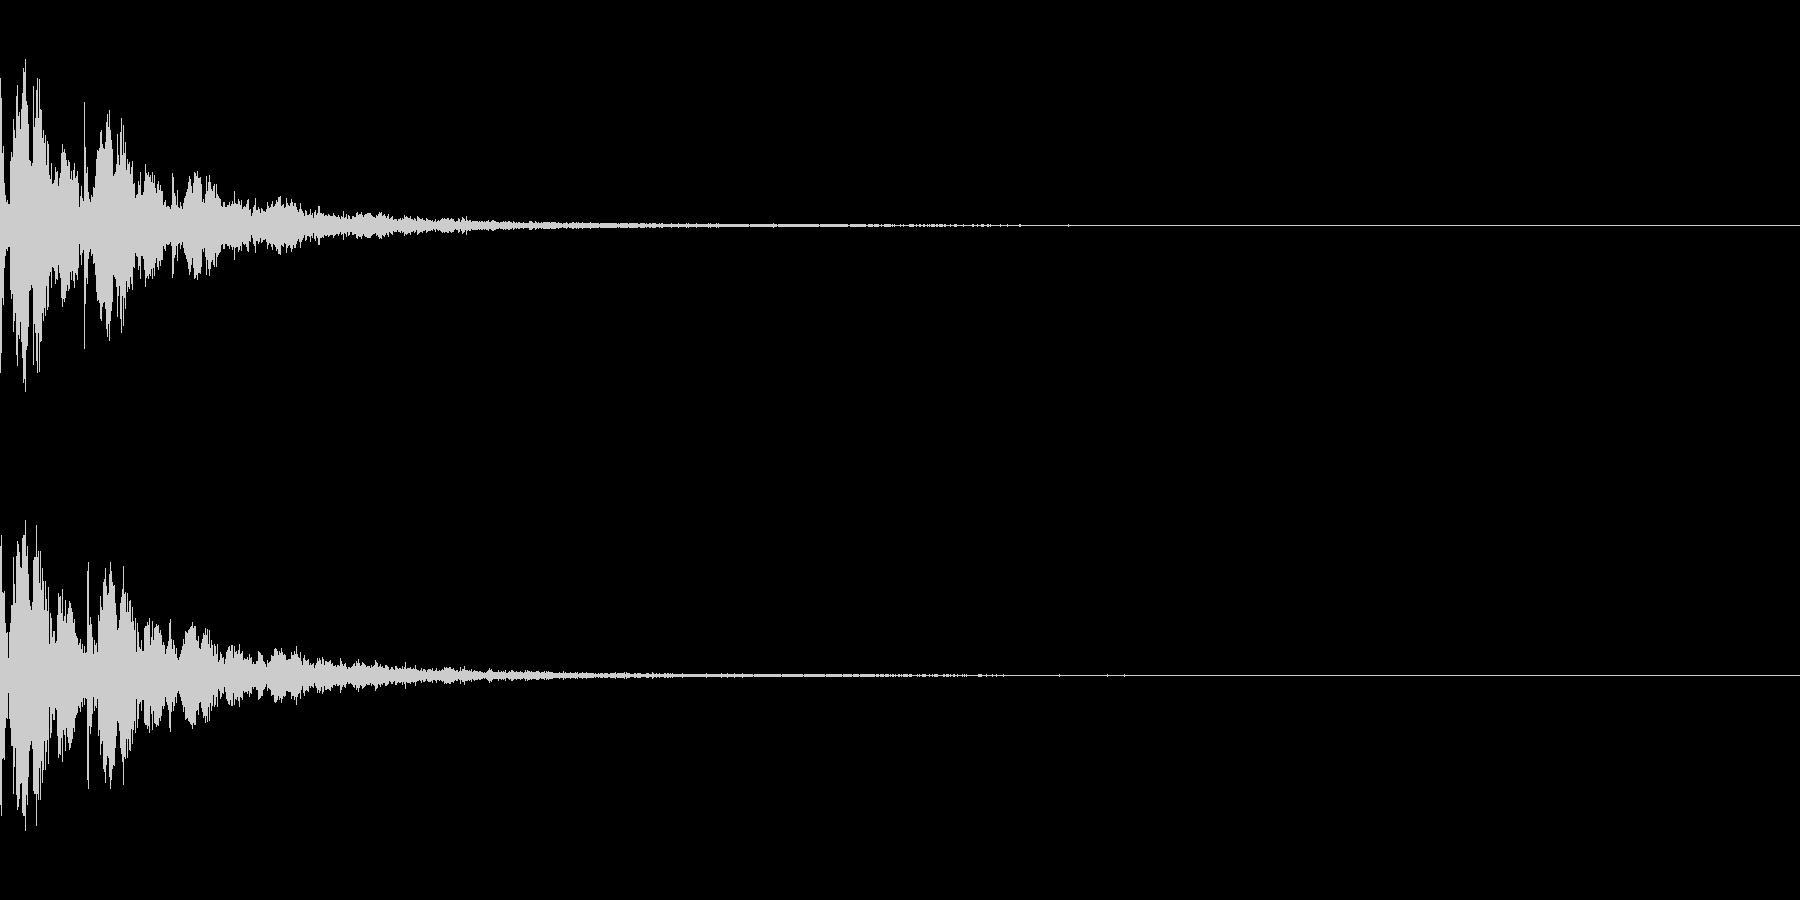 SE ズキュンと胸を打たれる ラブコメの未再生の波形